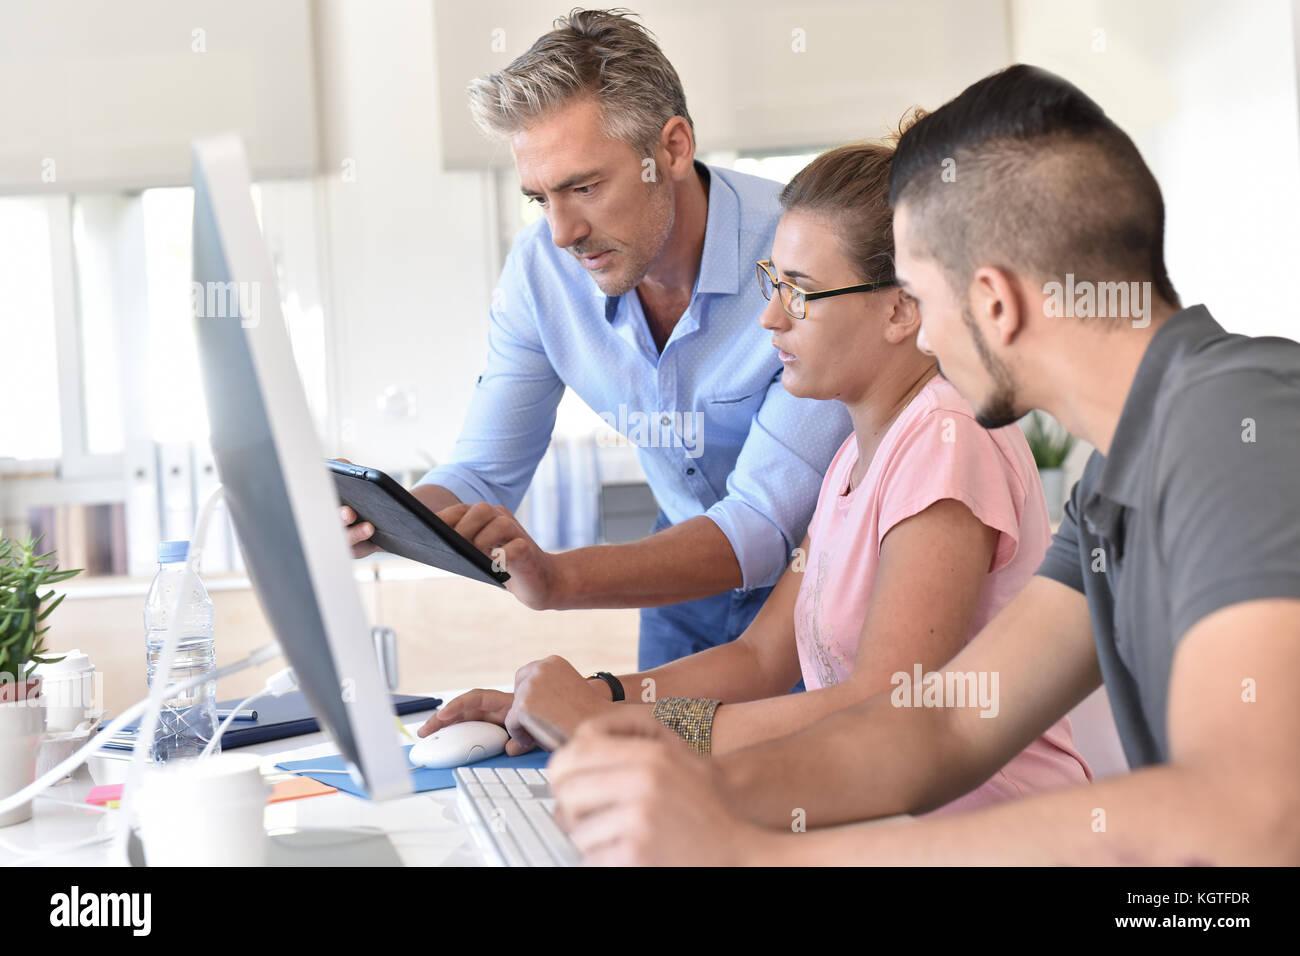 Curso de formación de los estudiantes de diseño con tablet Imagen De Stock